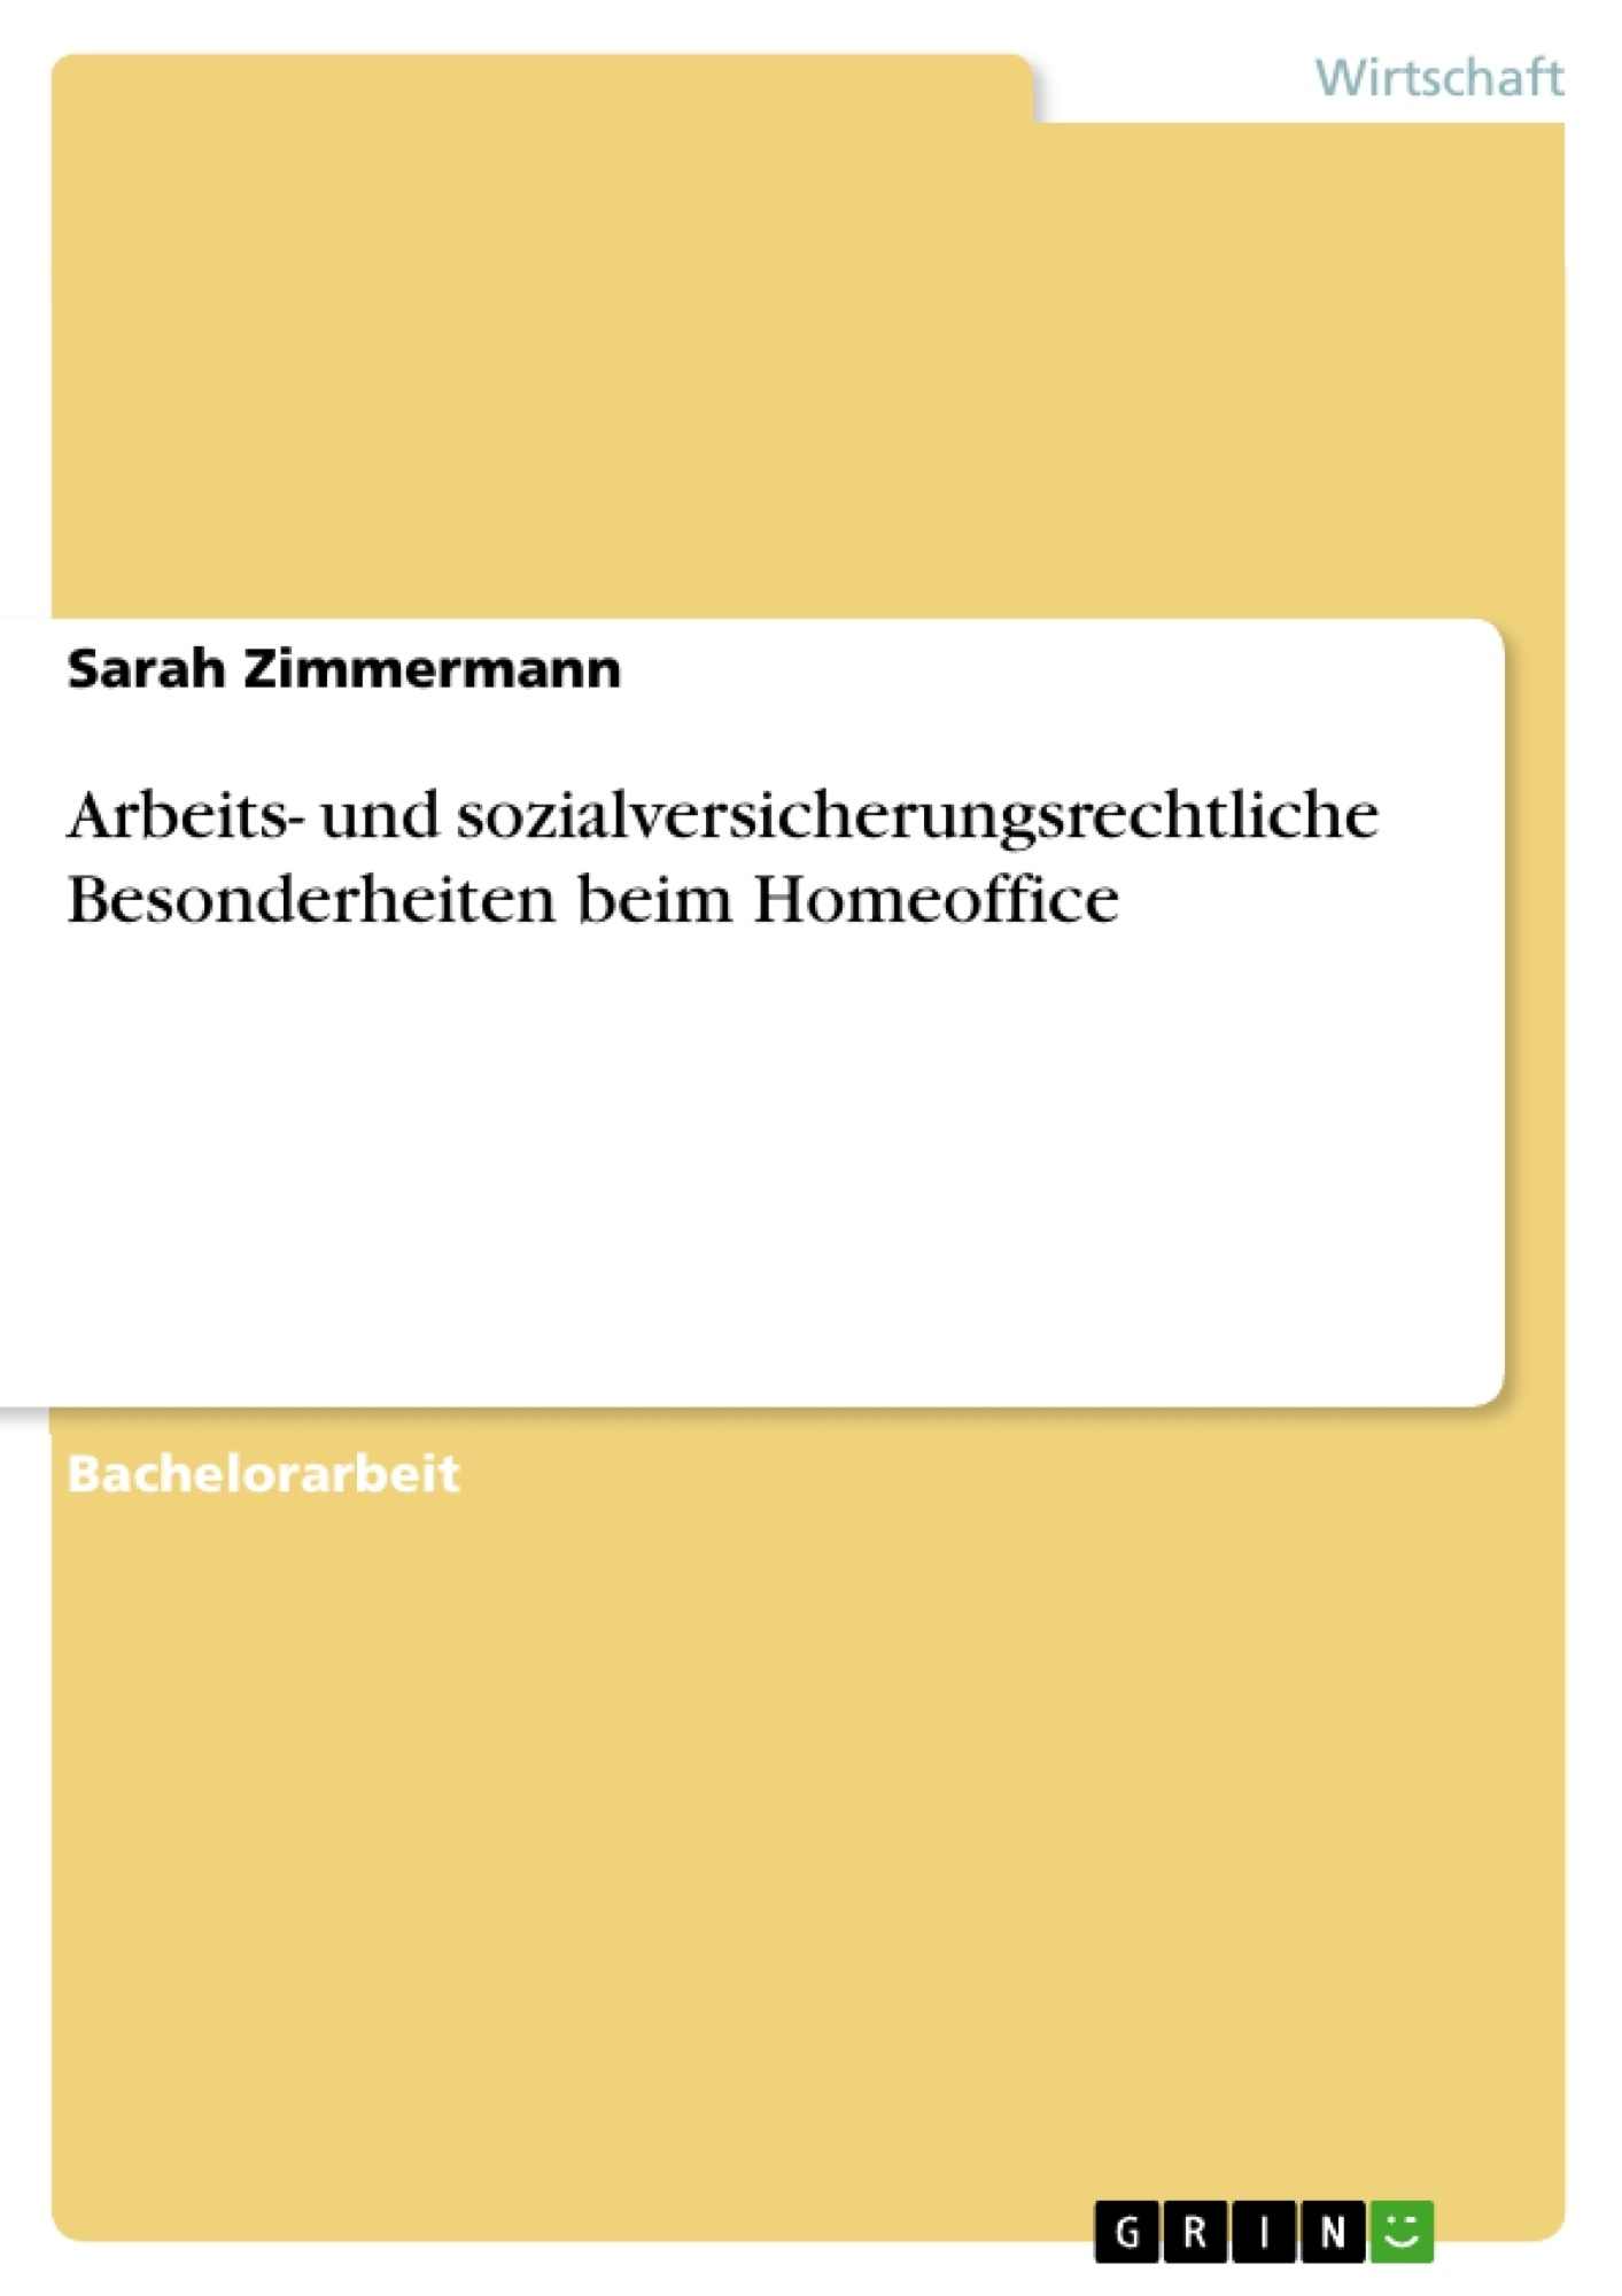 Titel: Arbeits- und sozialversicherungsrechtliche Besonderheiten beim Homeoffice